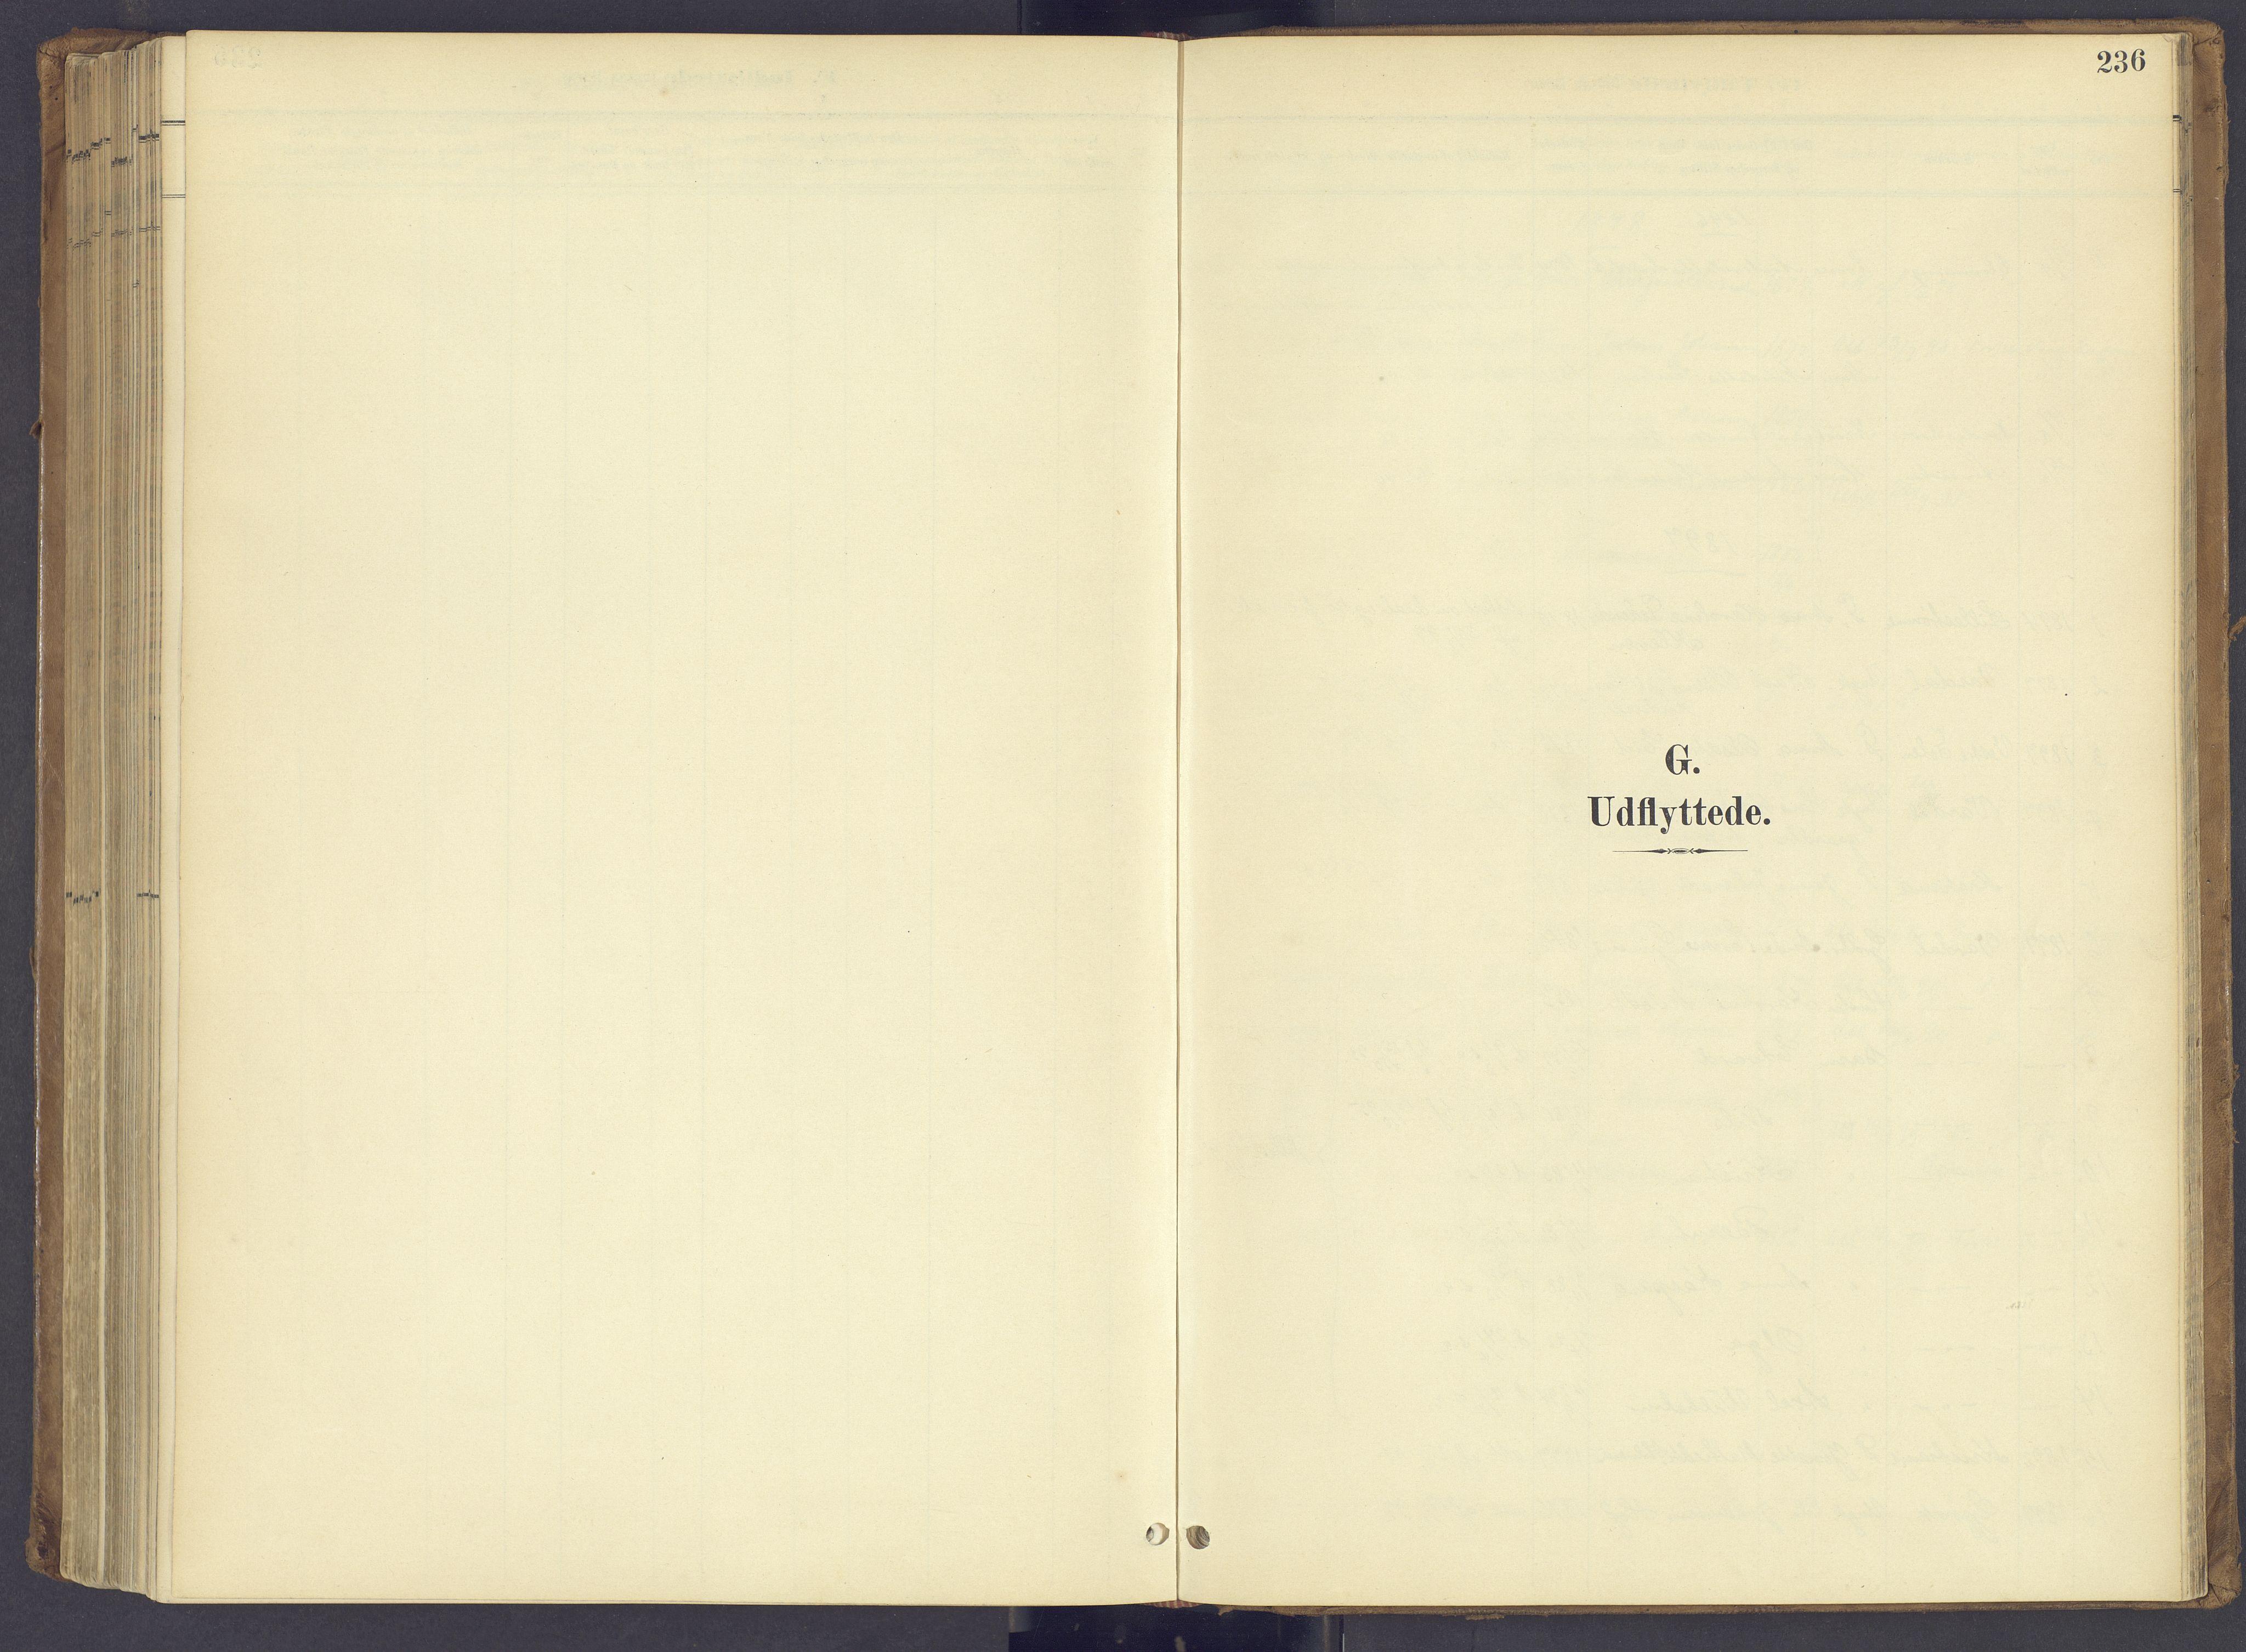 SAH, Søndre Land prestekontor, K/L0006: Parish register (official) no. 6, 1895-1904, p. 236